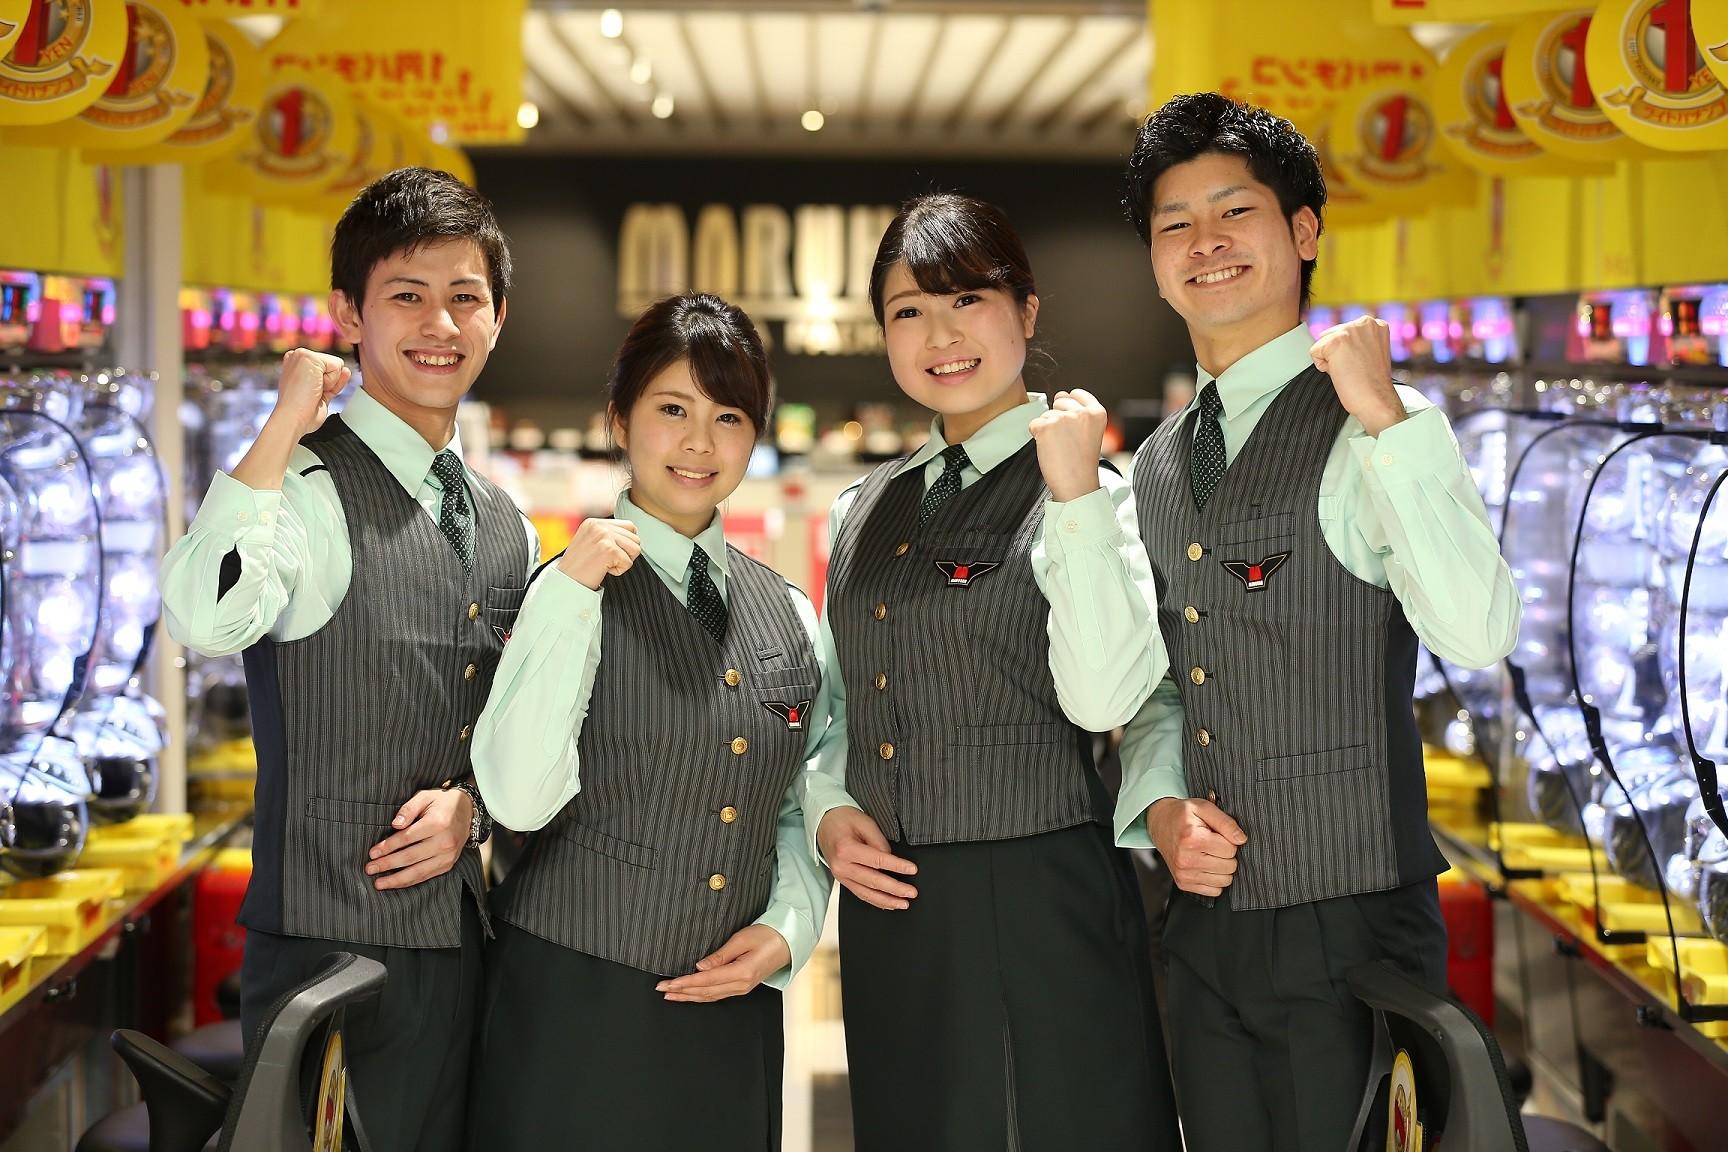 マルハン 貝塚店[2804]のアルバイト情報